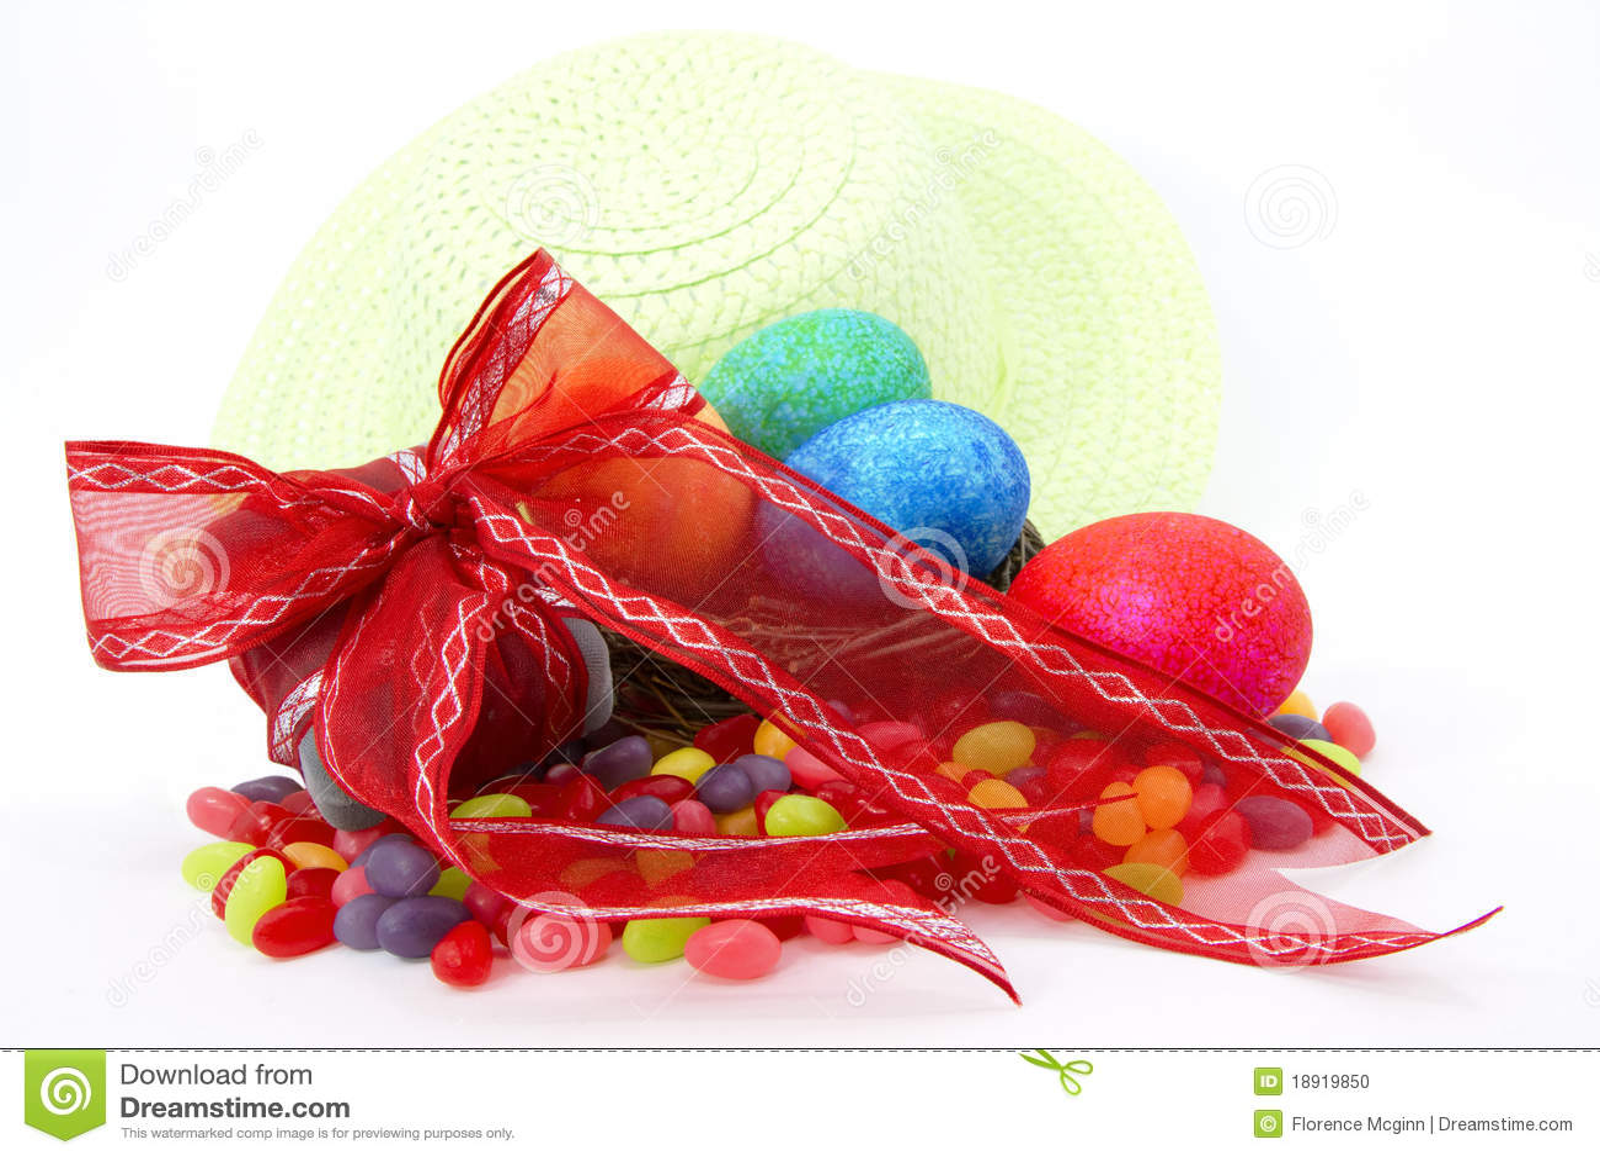 Regalo, Jellybeans, huevos, y capo de Pascua